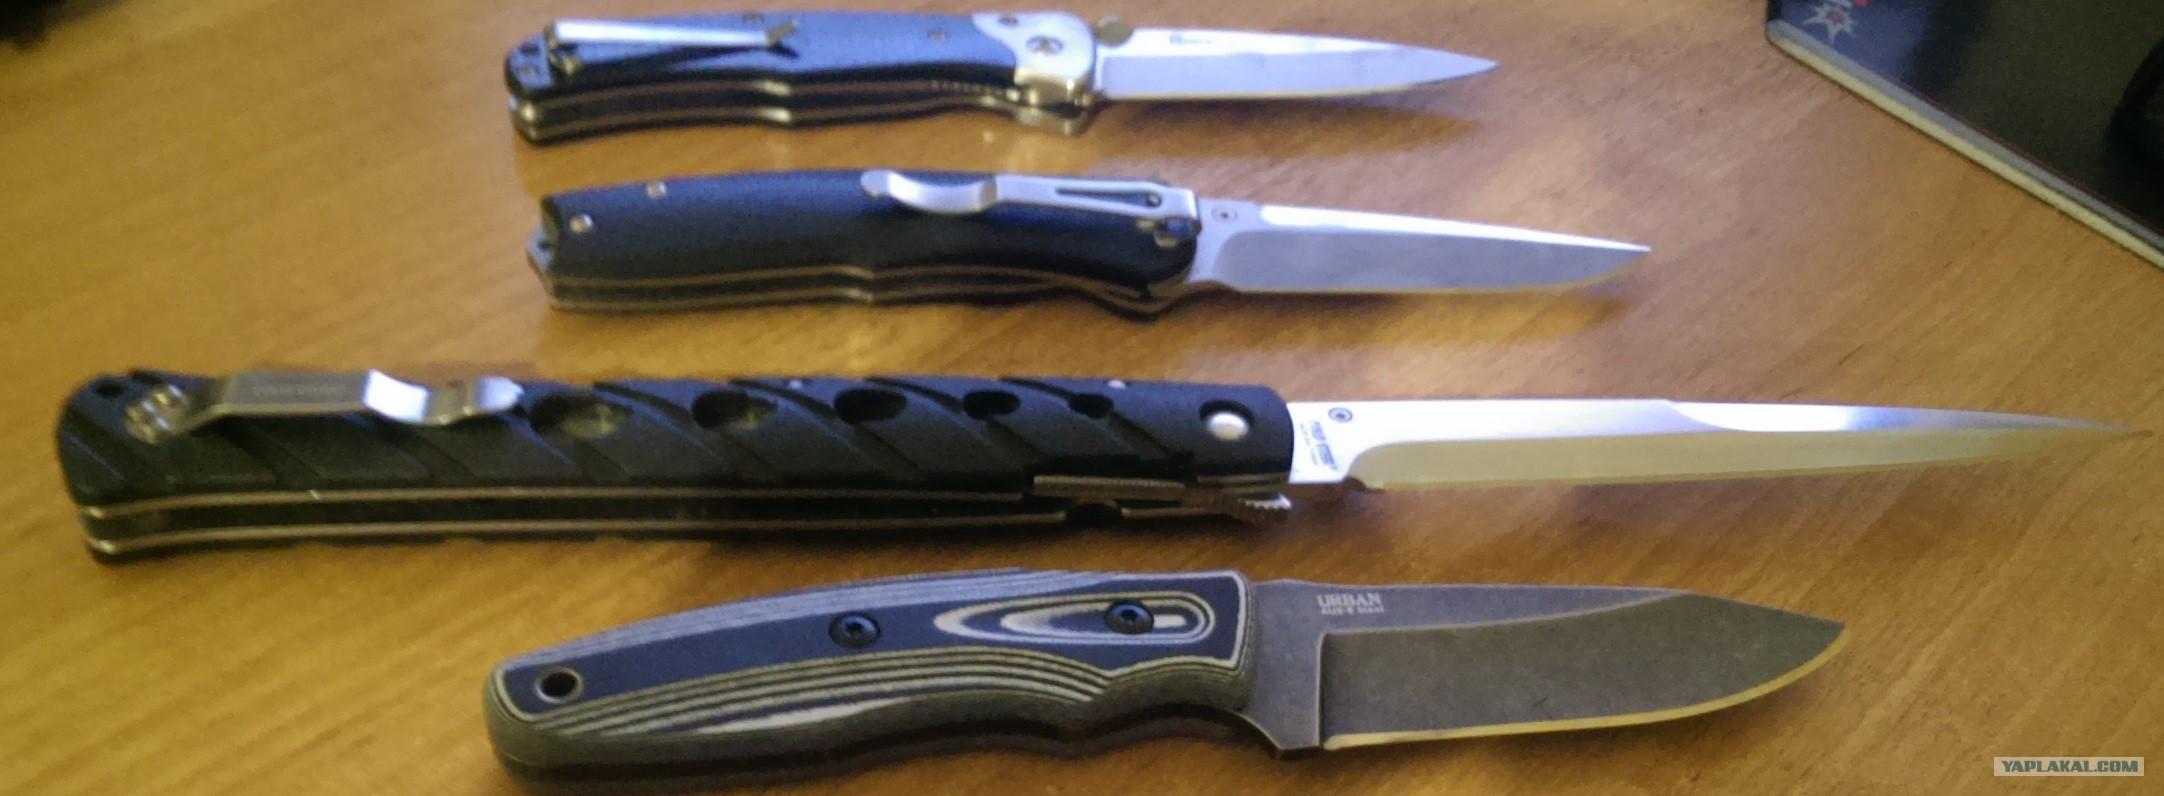 Можно ли дарить ножи в подарок? Почему нельзя дарить нож? 92